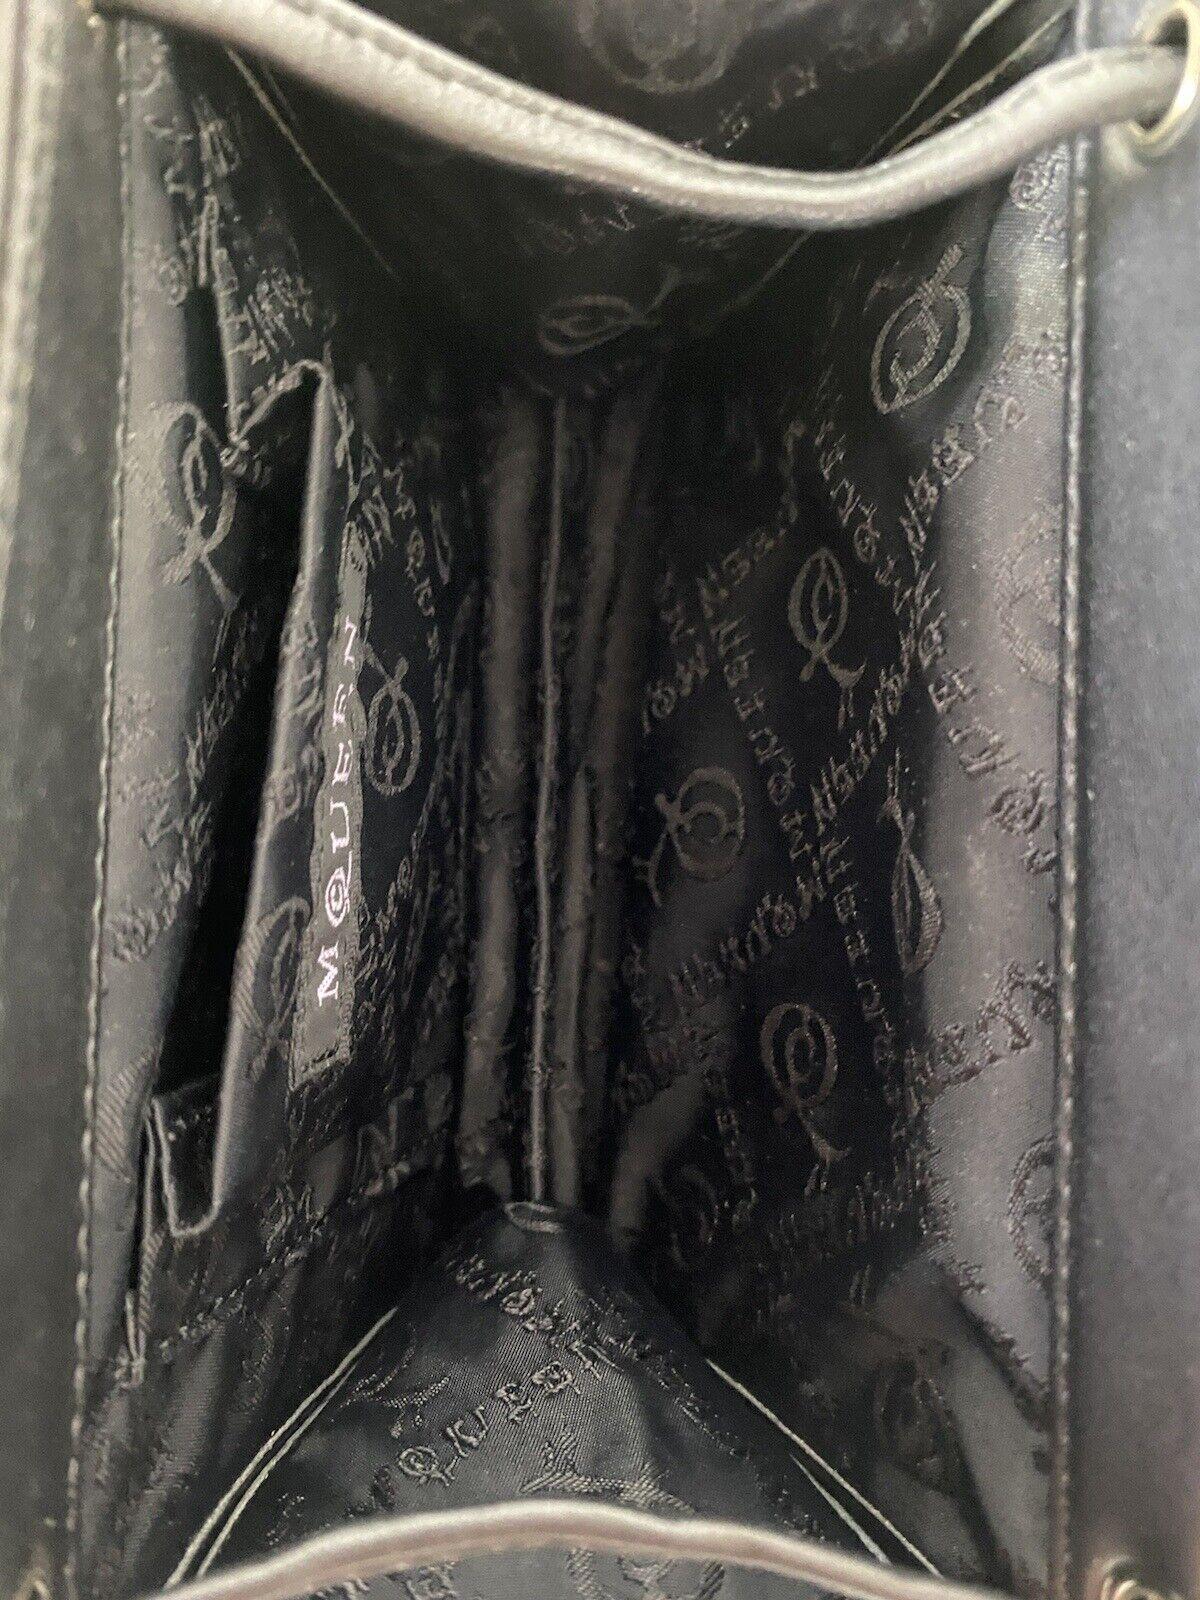 RARE VTG ALEXANDER McQUEEN 90s BLACK SNAKE BAG - image 7